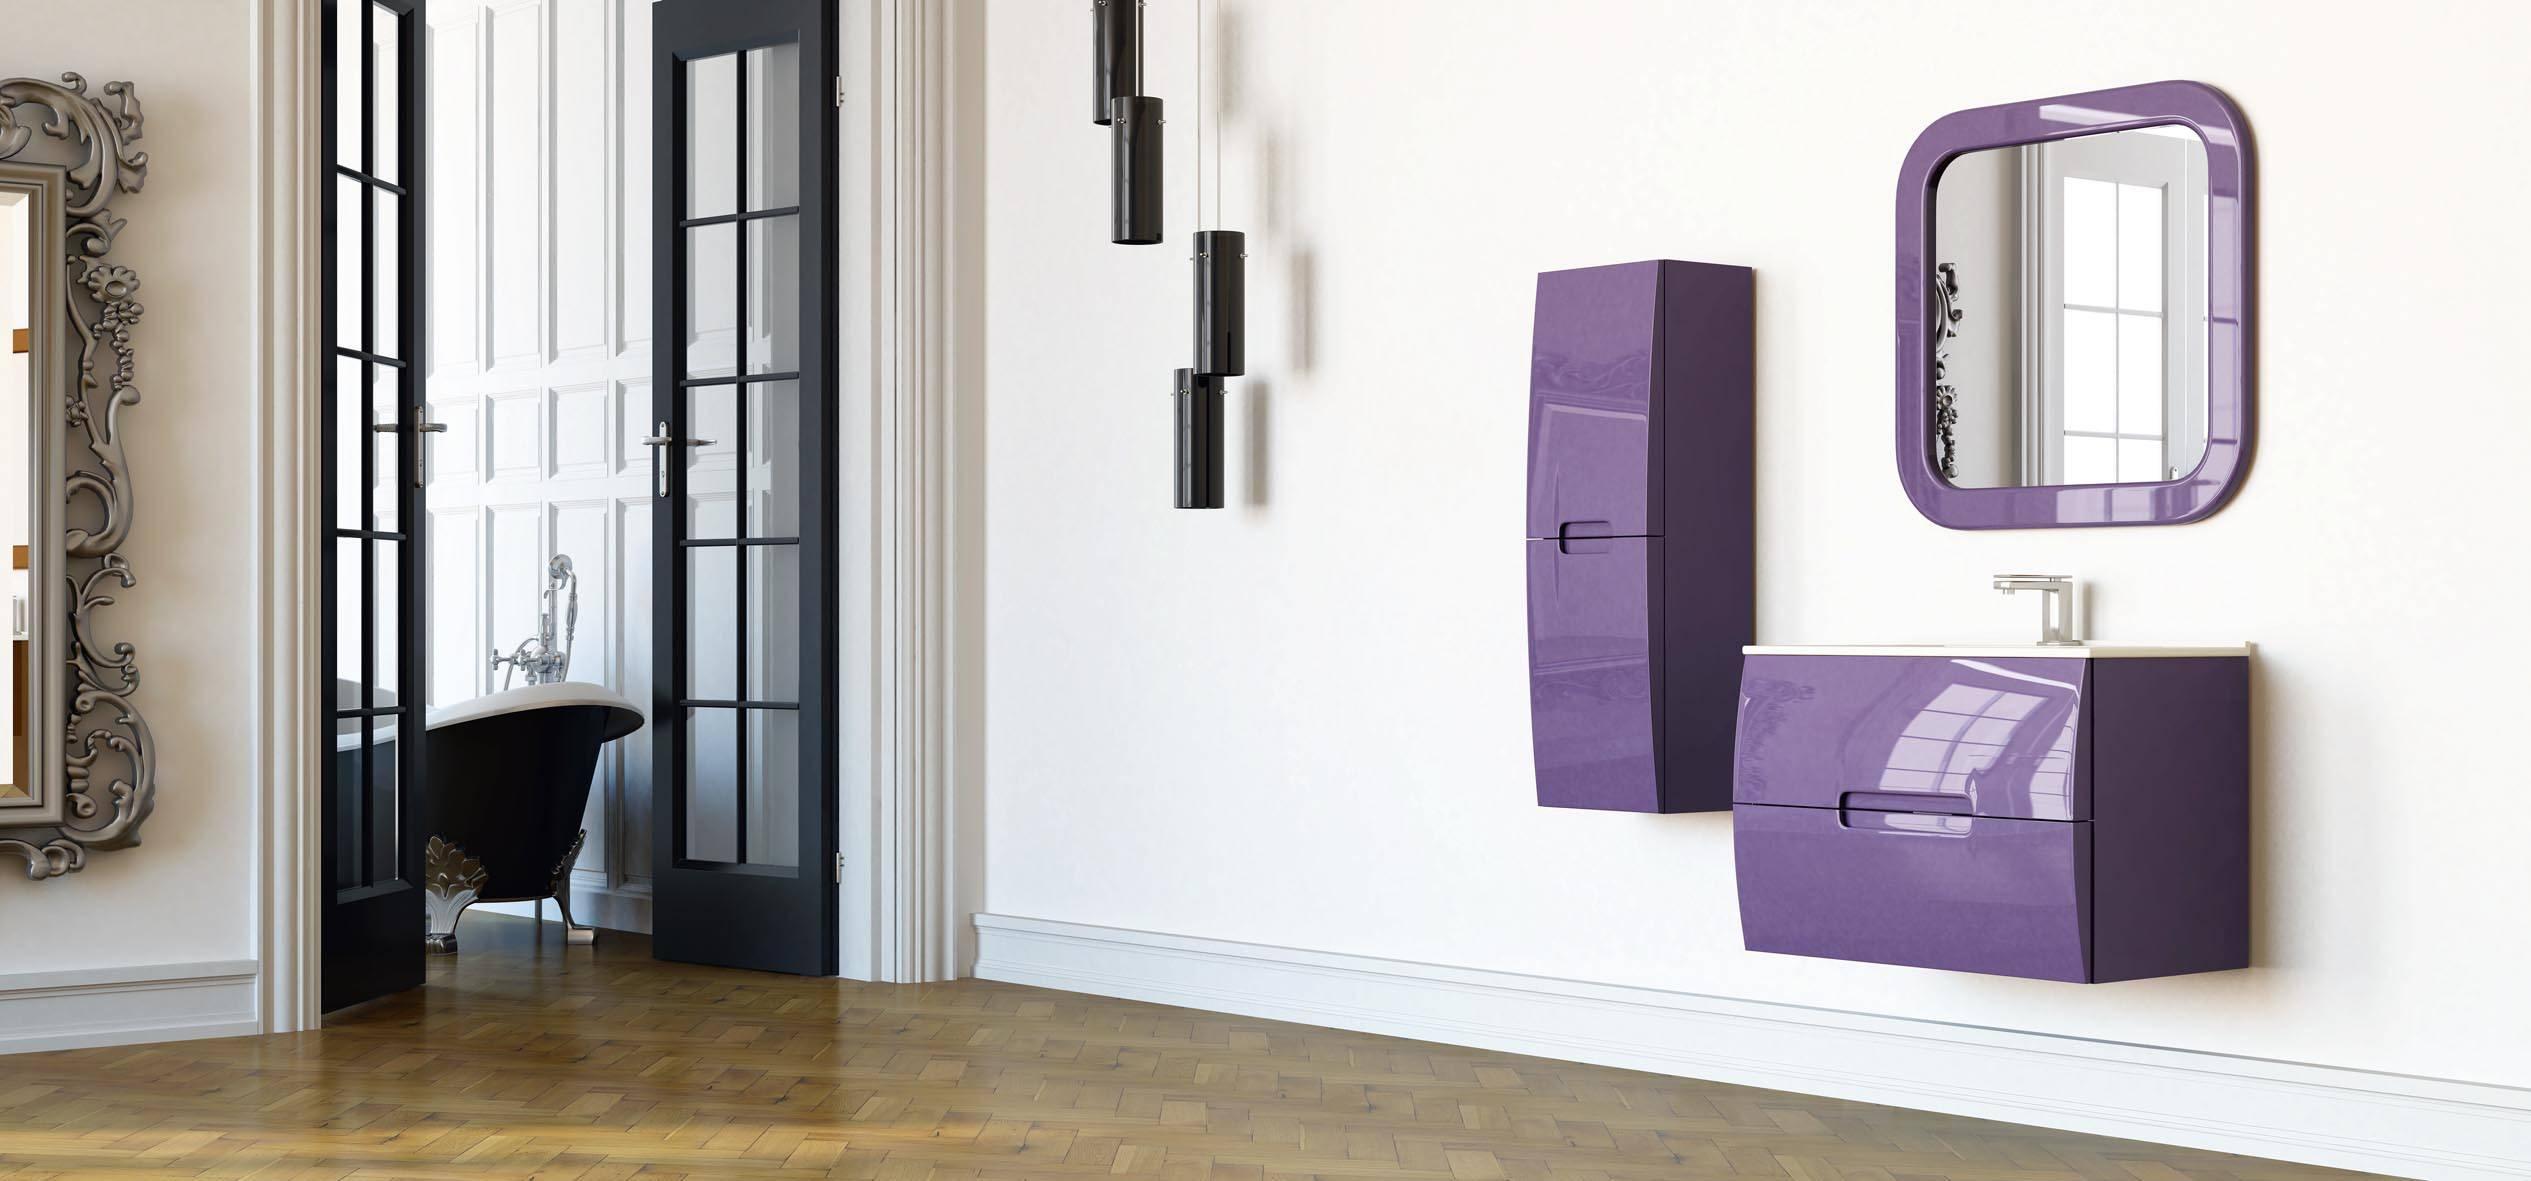 Conjunto mueble de ba o sicilia muebles de ba o baratos 515 for Conjunto accesorios bano baratos